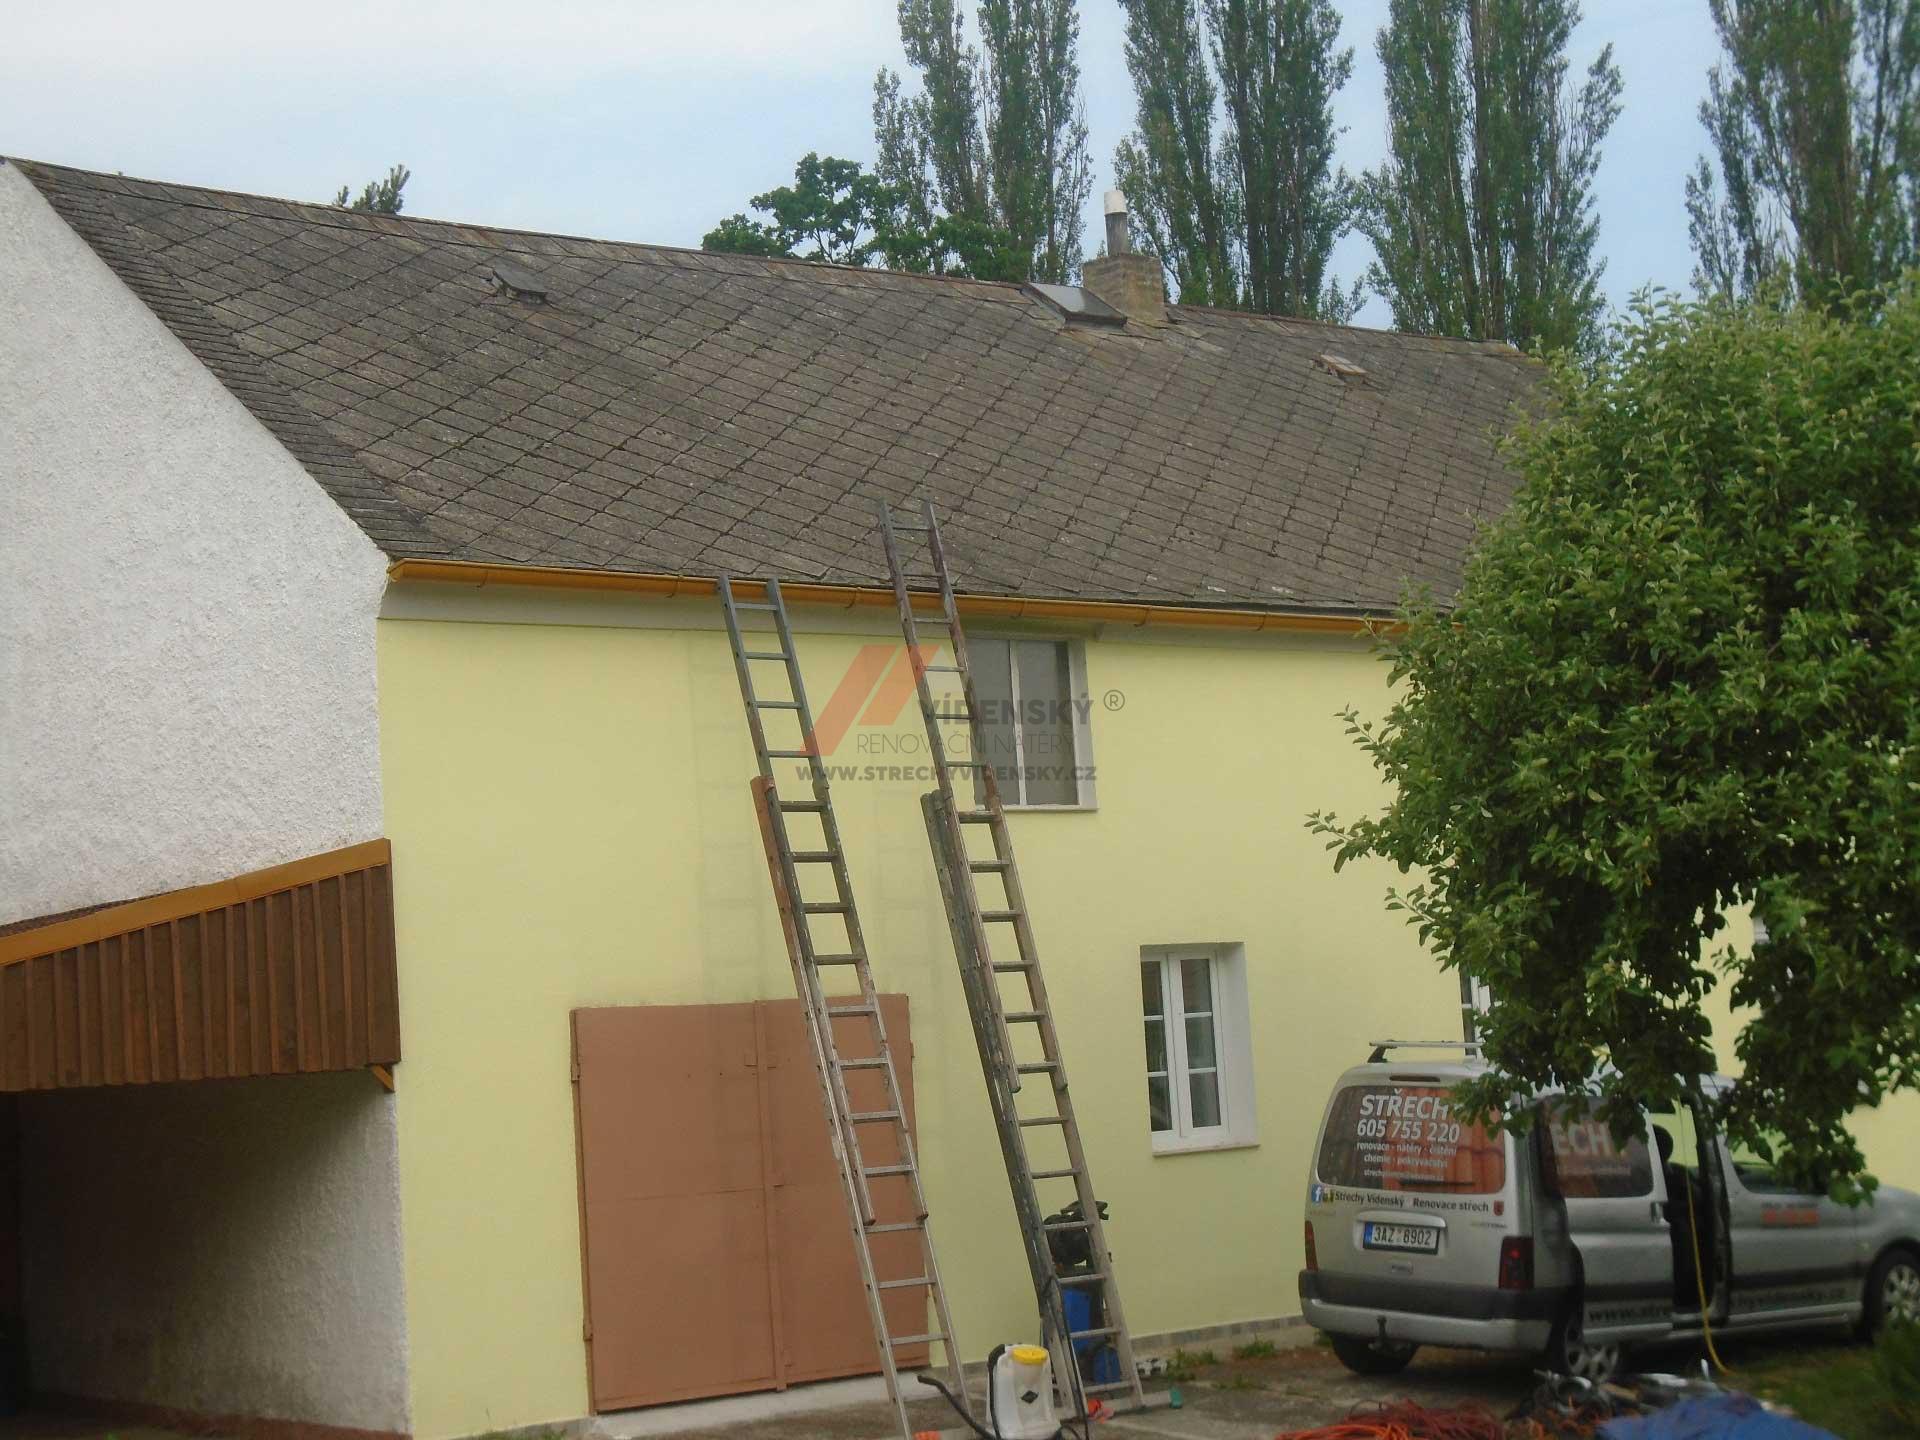 Vídenský | Renovační nátěr eternitové střechy 05 - Původní stav